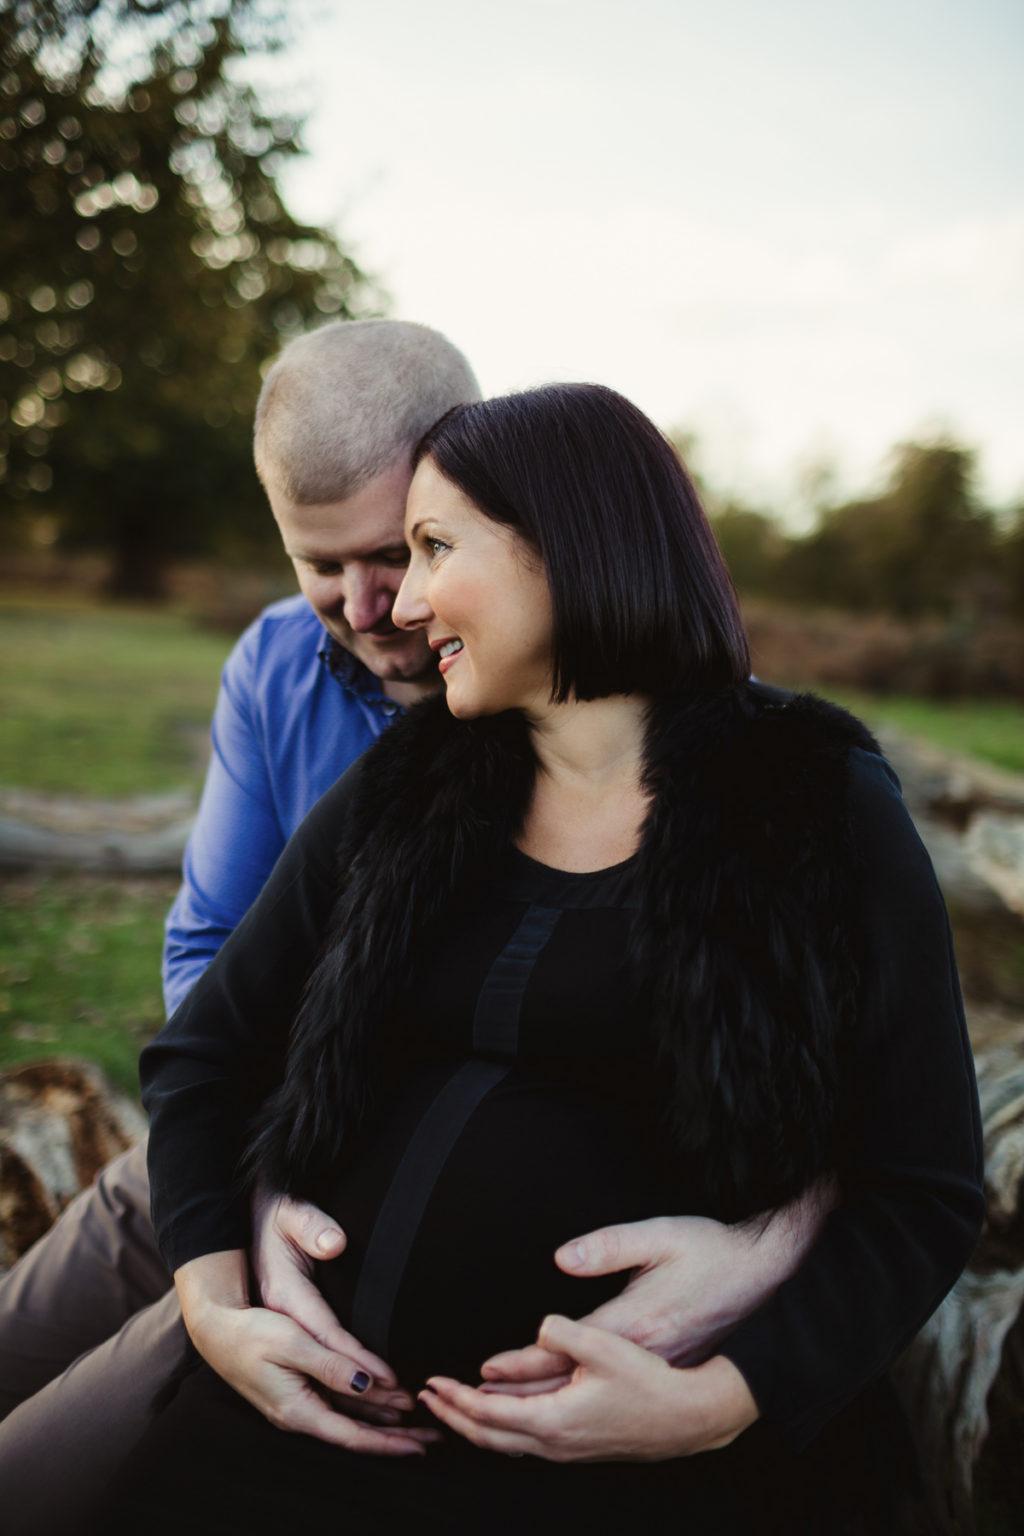 outdoor pregnant photo ideas